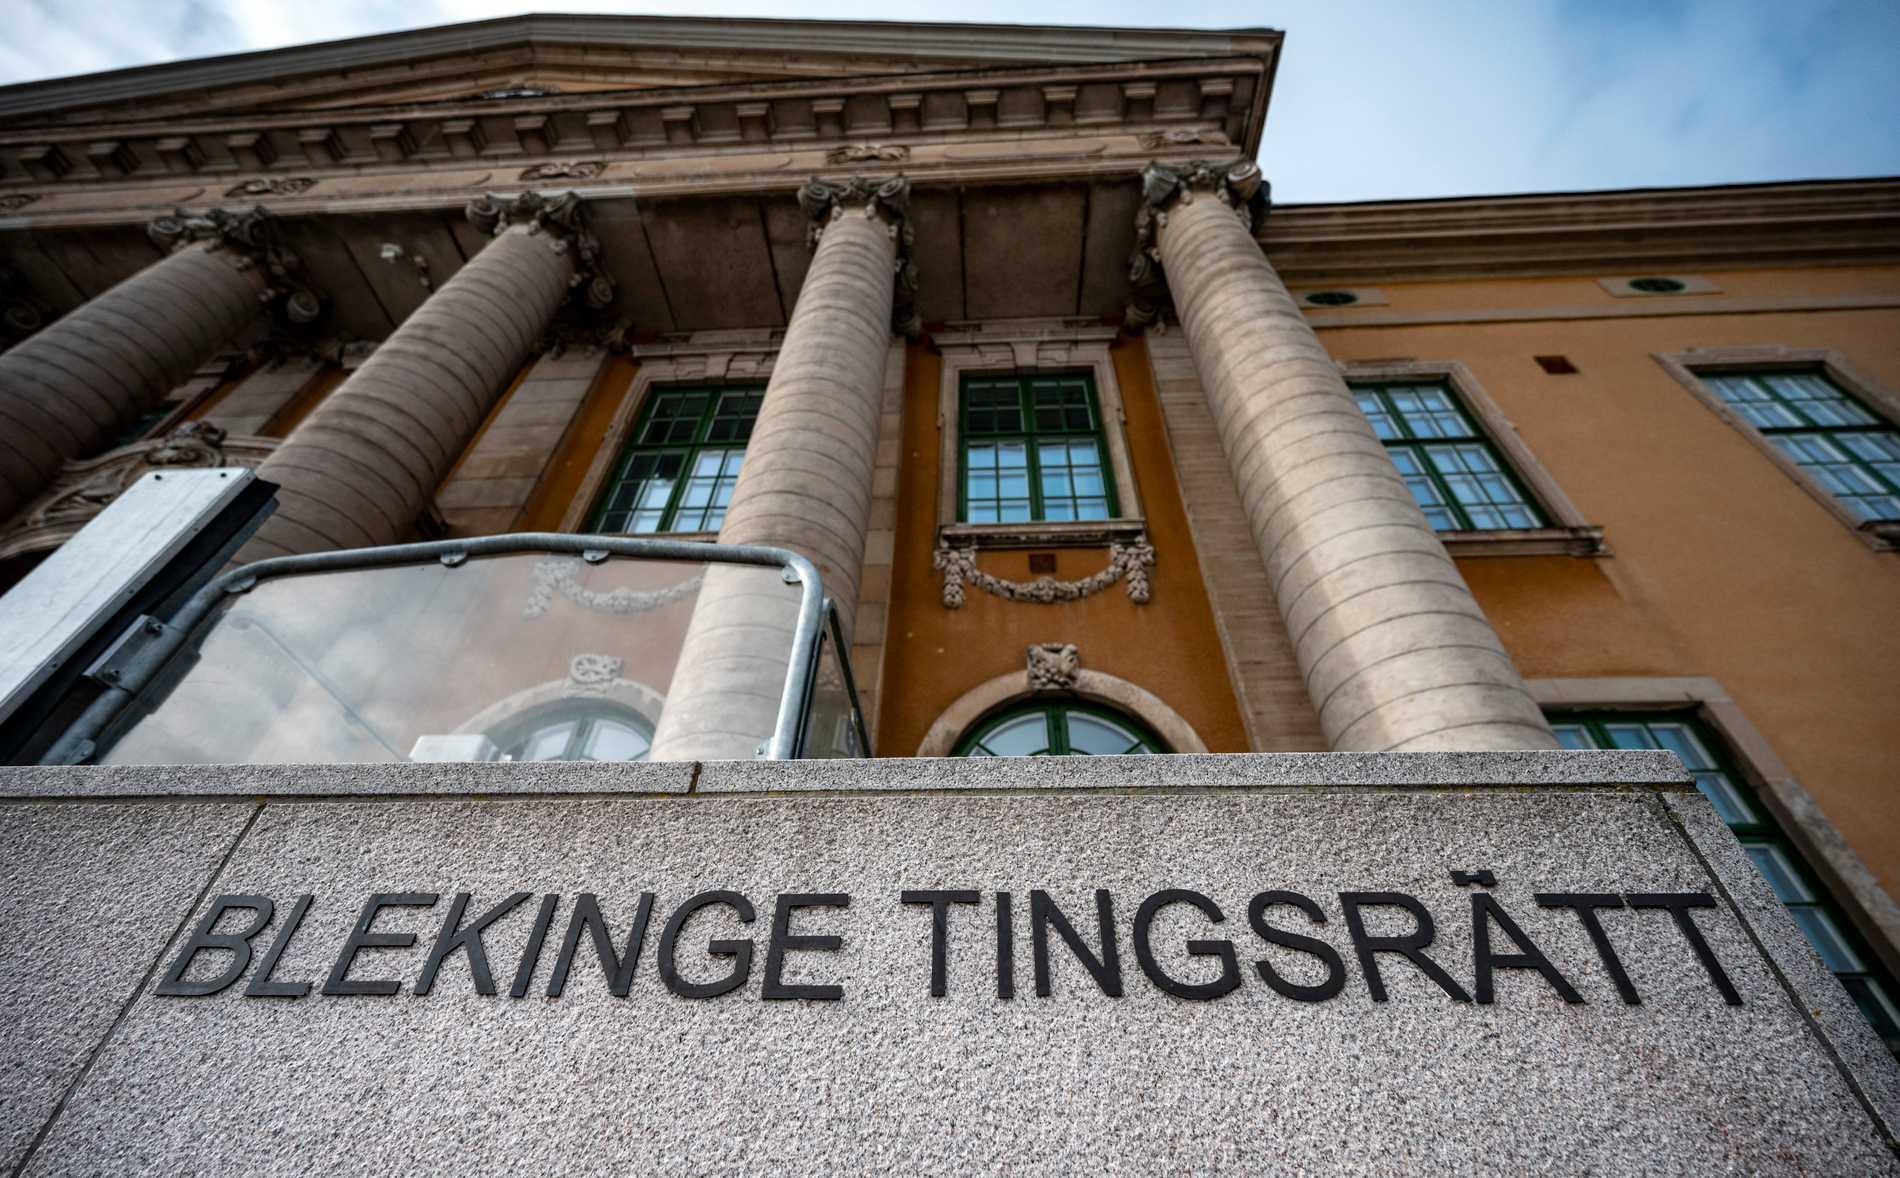 Blekinge tingsrätt dömer två män till livstid respektive 18 års fängelse för mordet på en 57-årig man i Karlskrona förra sommaren. Arkivbild.